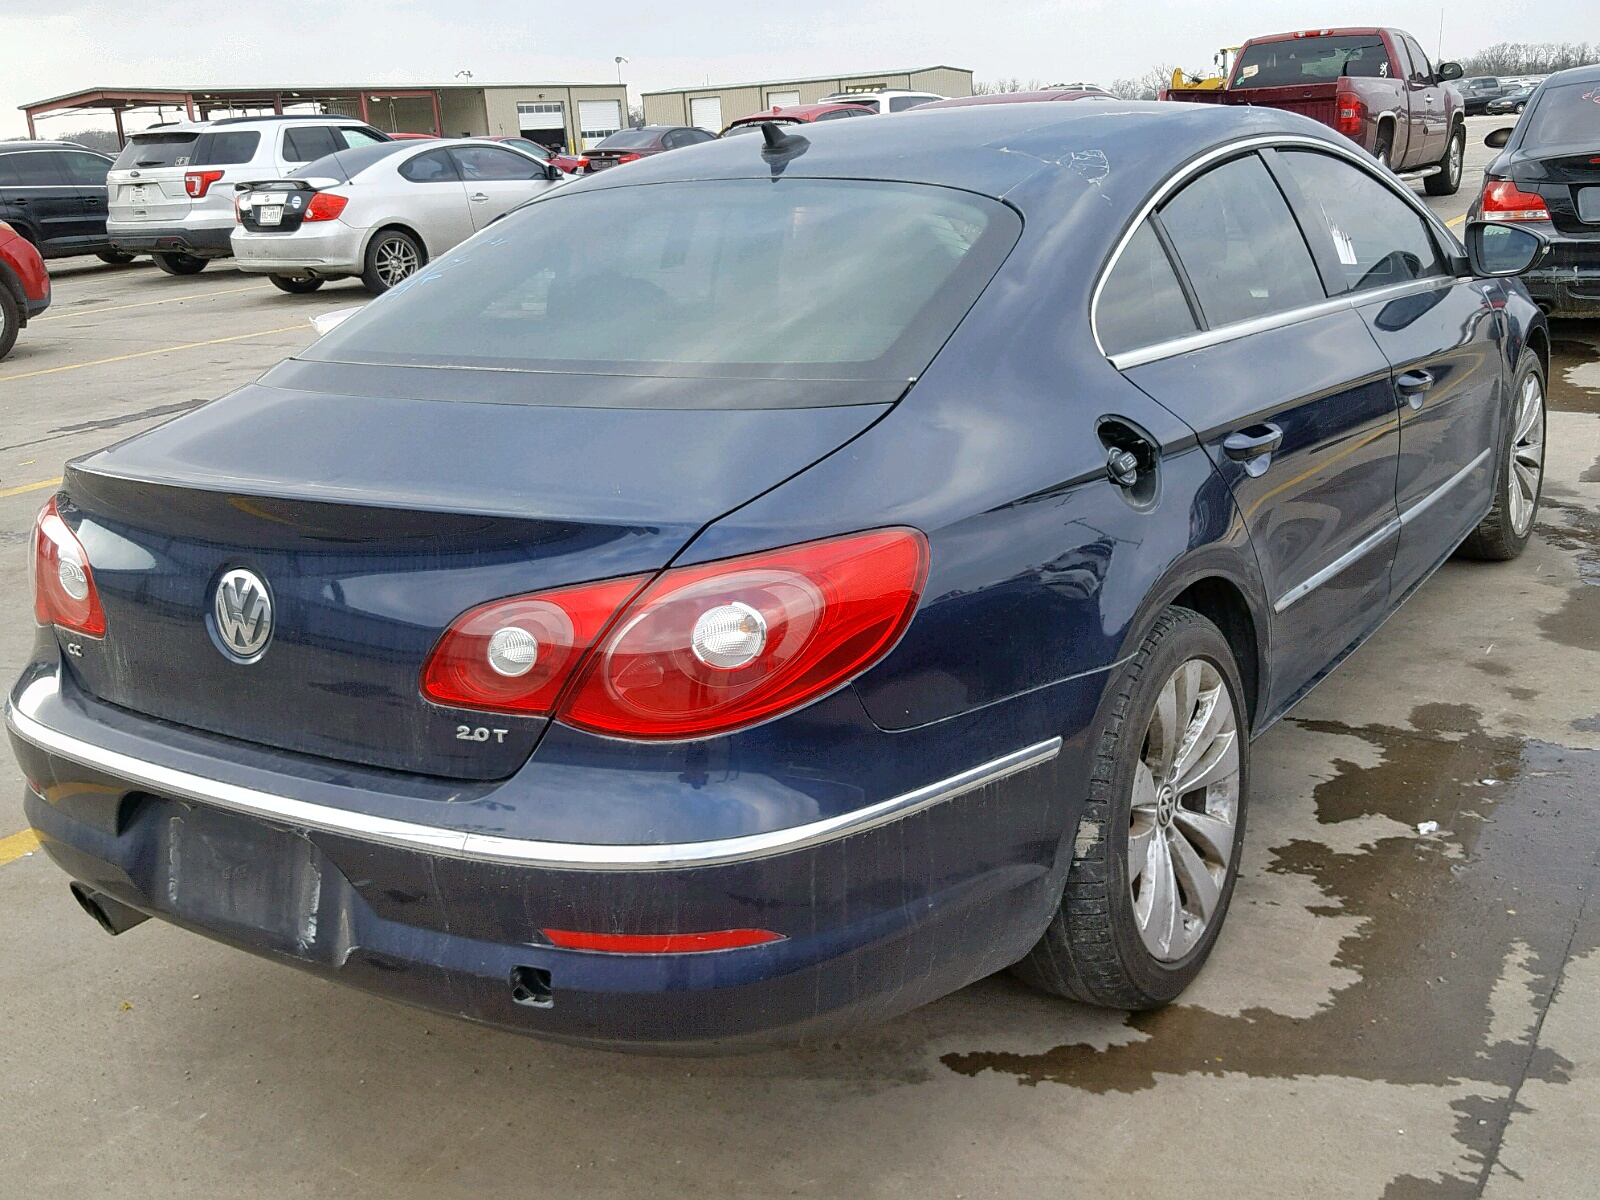 WVWMN7AN3CE521047 - 2012 Volkswagen Cc Sport 2.0L rear view